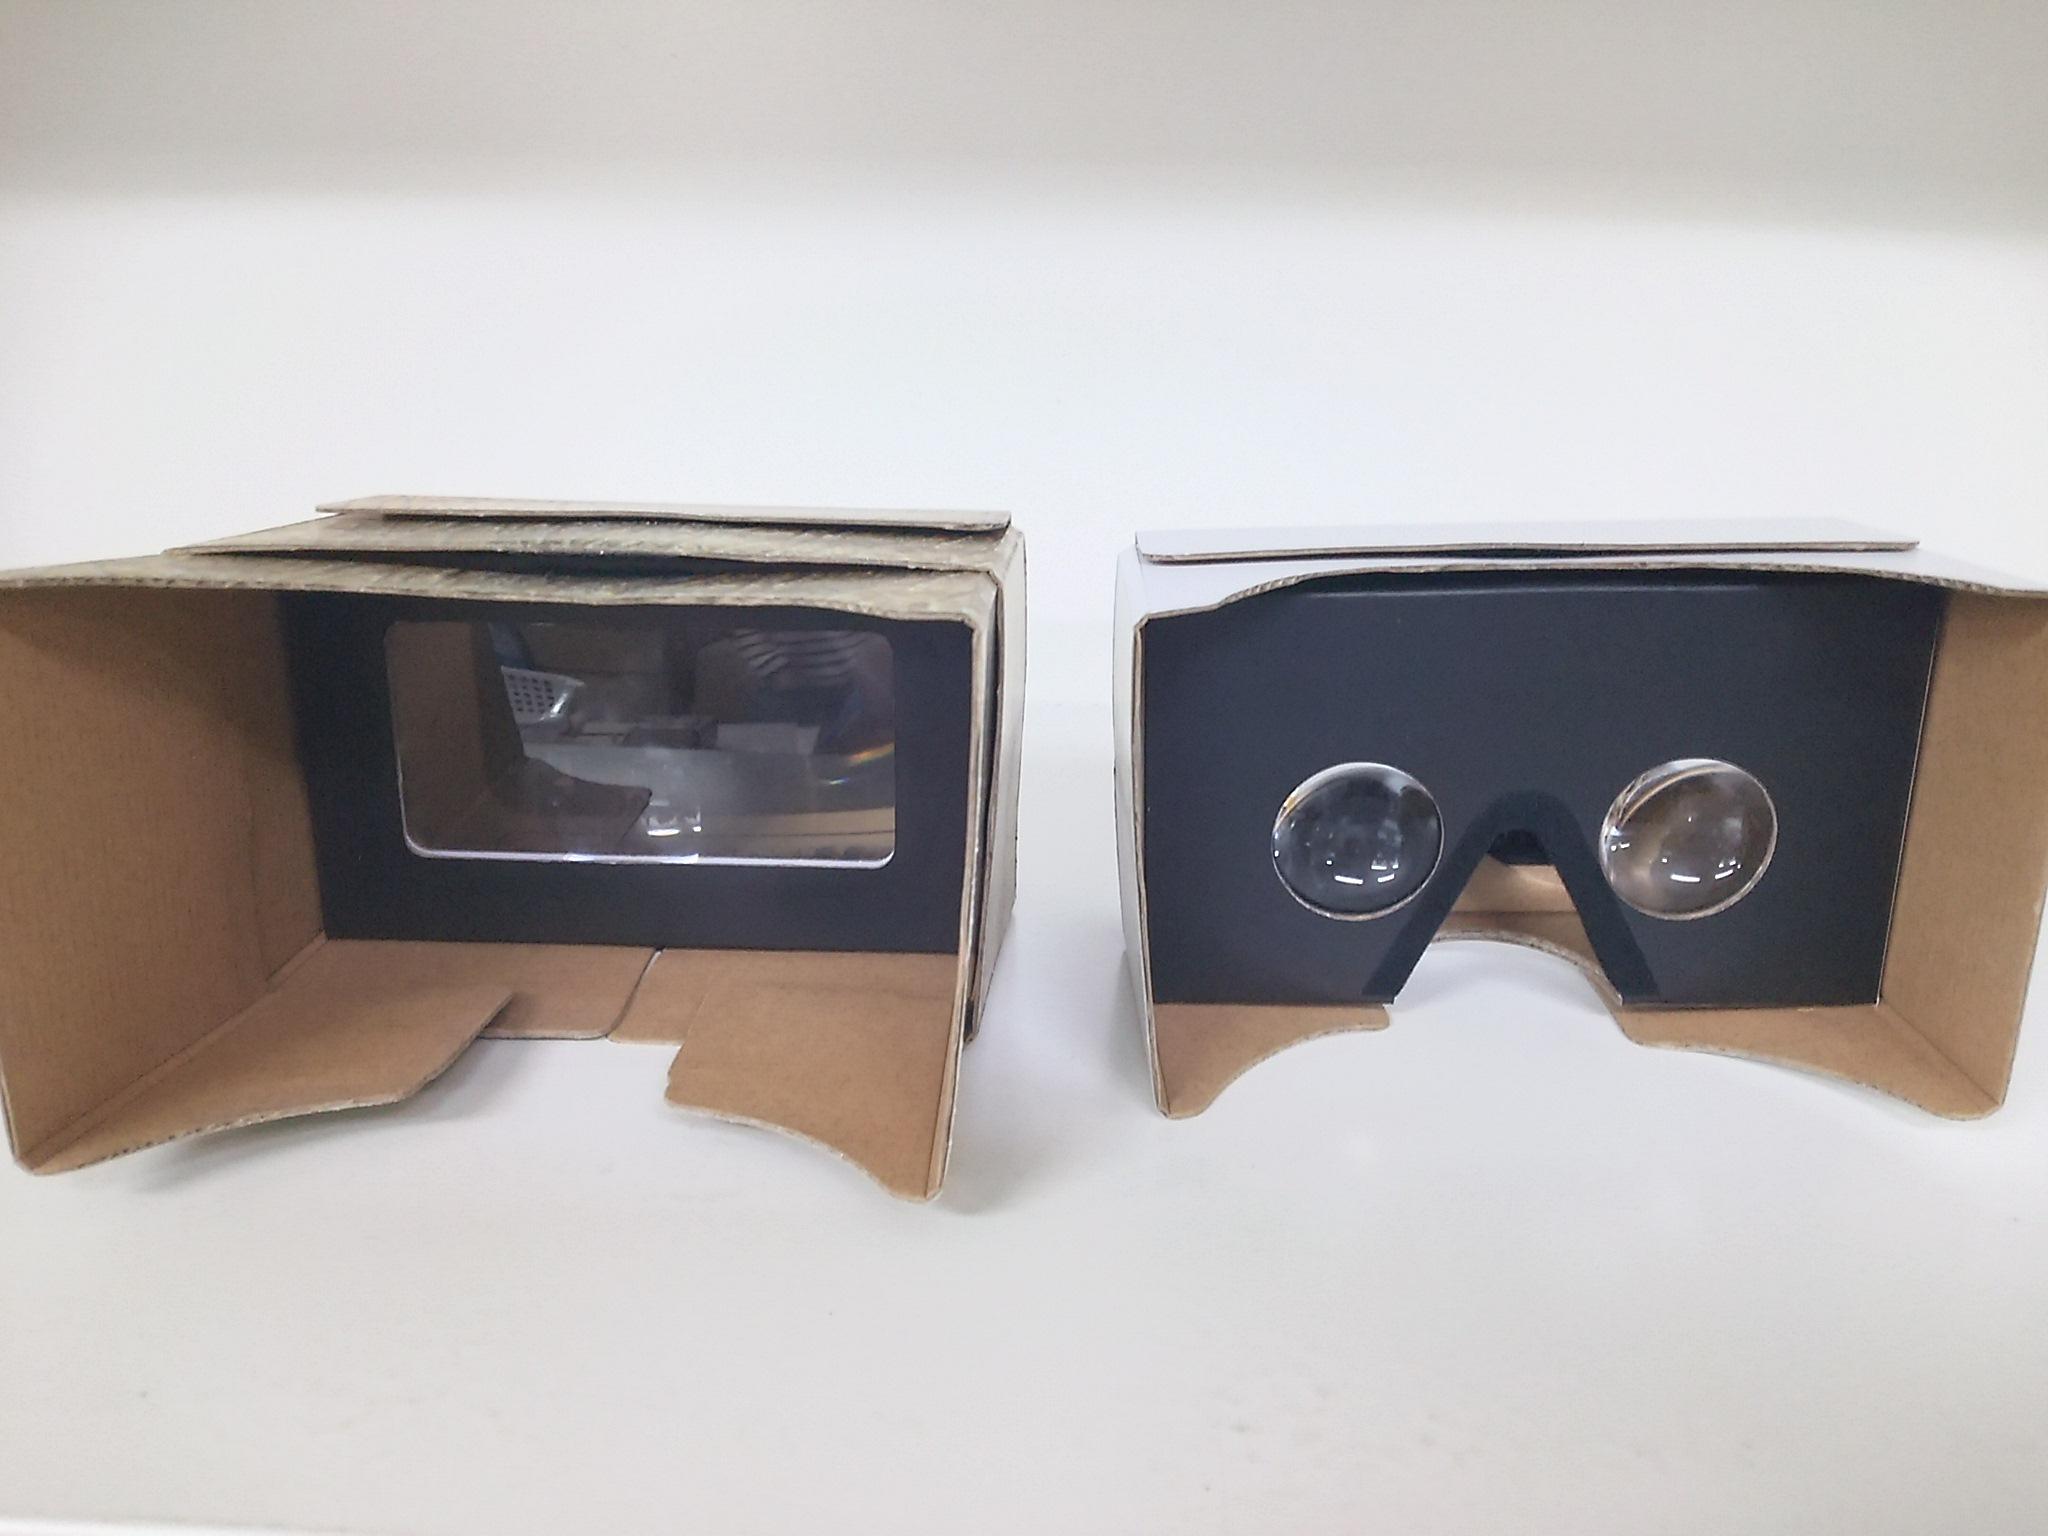 ハコトリップのVRゴーグル「一眼」と「二眼」があります